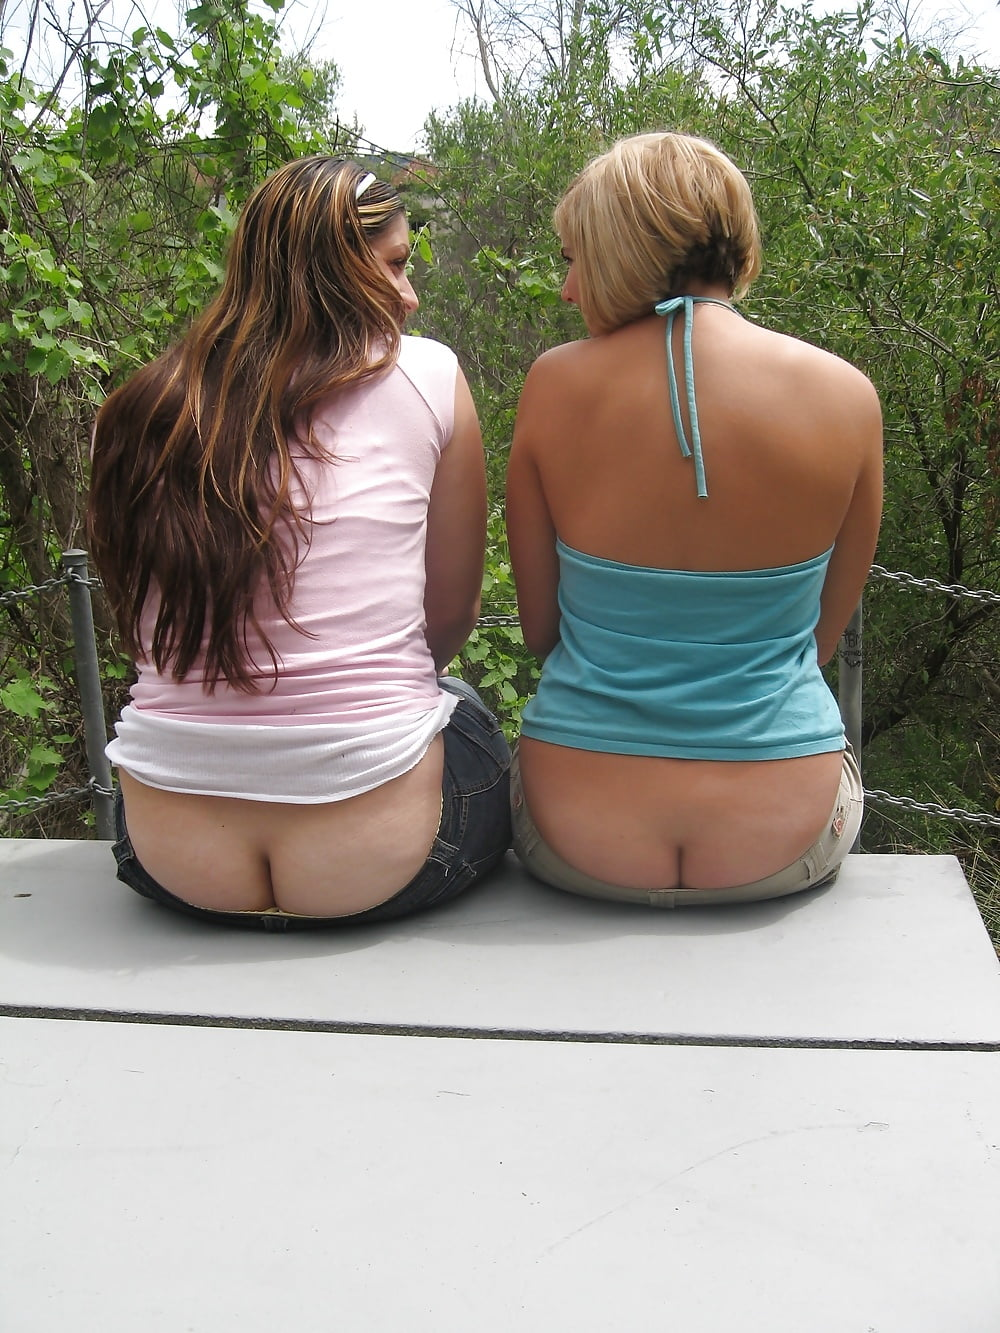 Butt crack sex porn, erotic russian cartoons